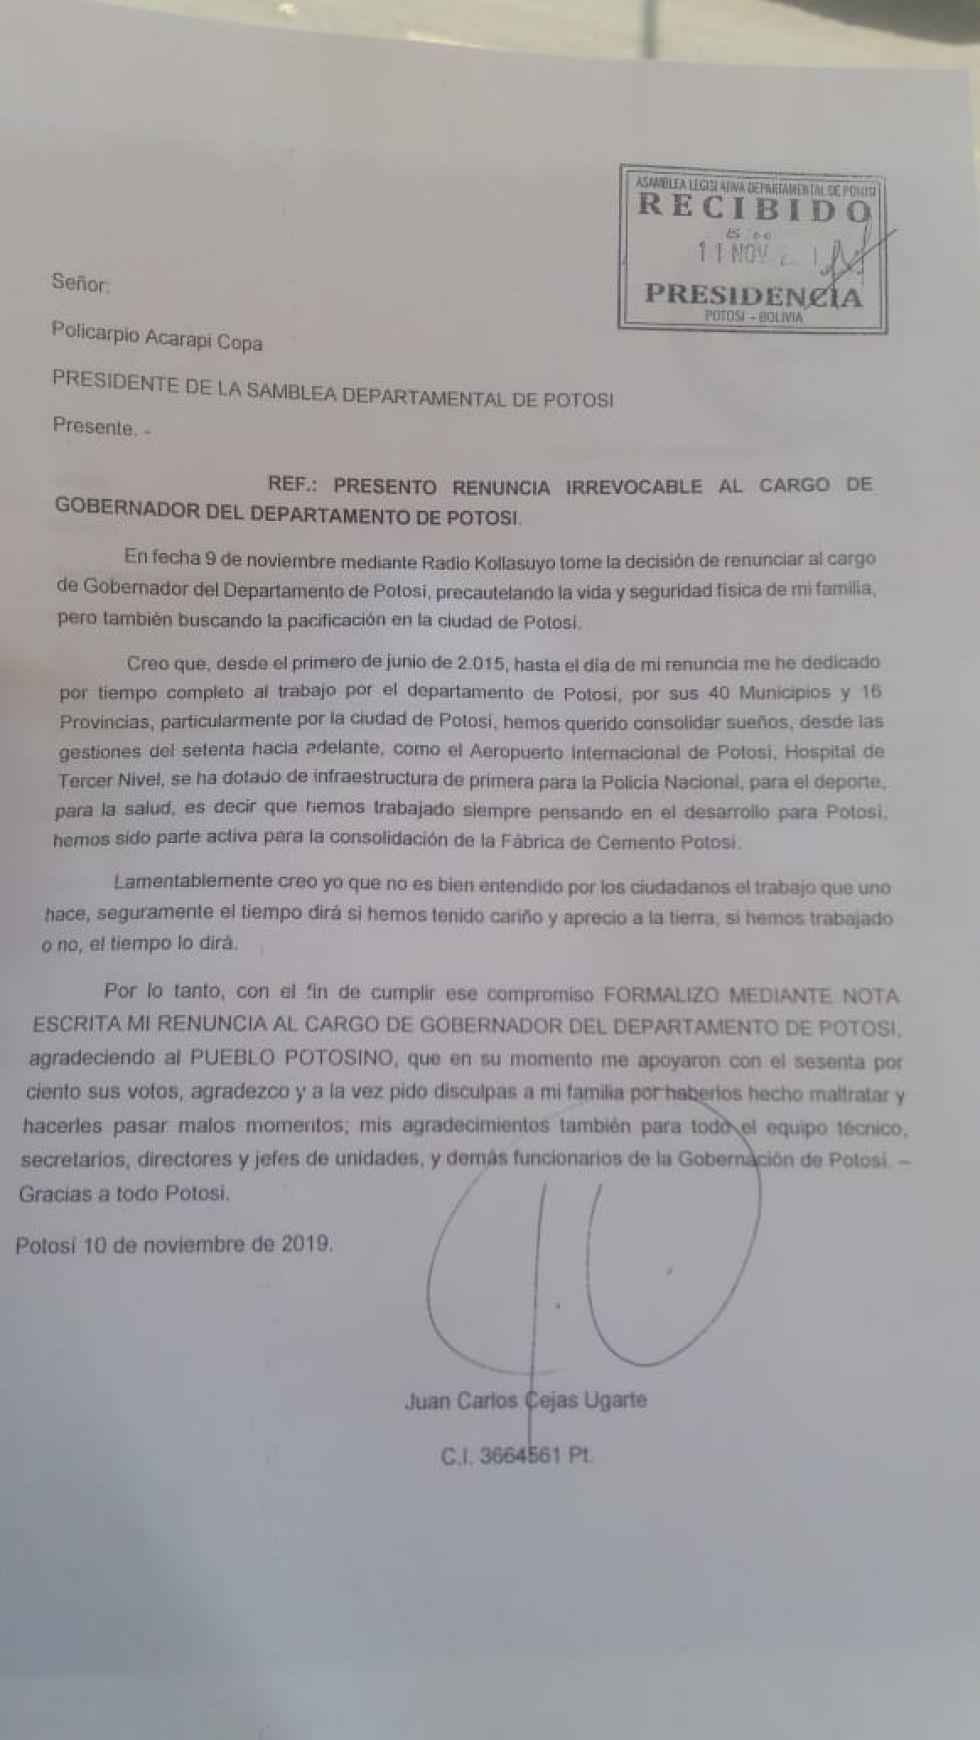 El legislador mostró la renuncia fue presentada por Juan Carlos Cejas